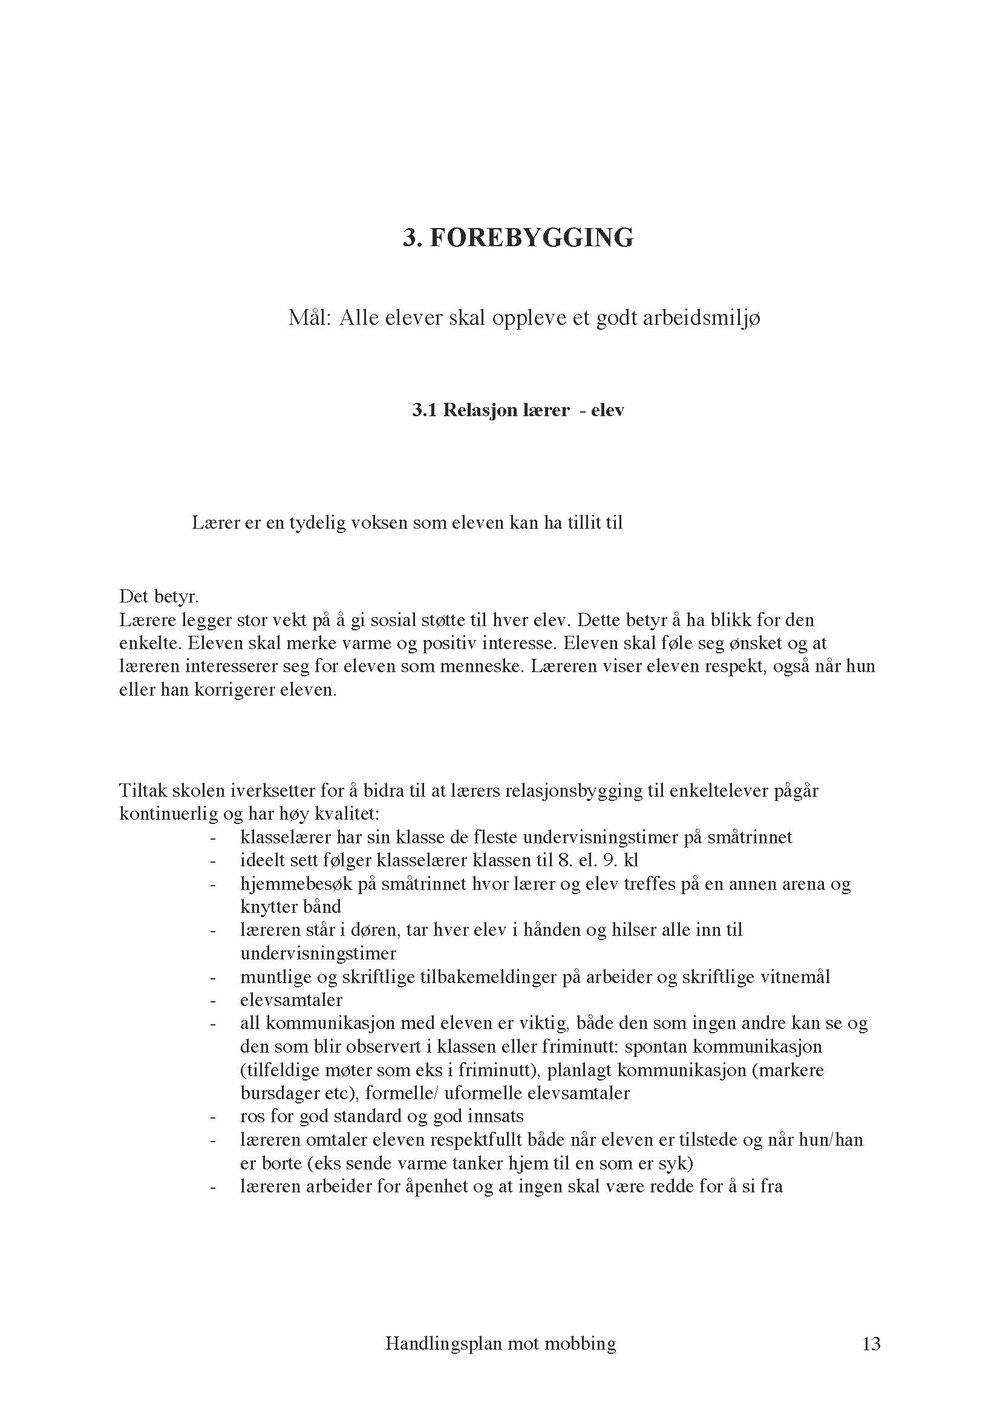 Handlingsplan mot mobbing _Page_13.jpg